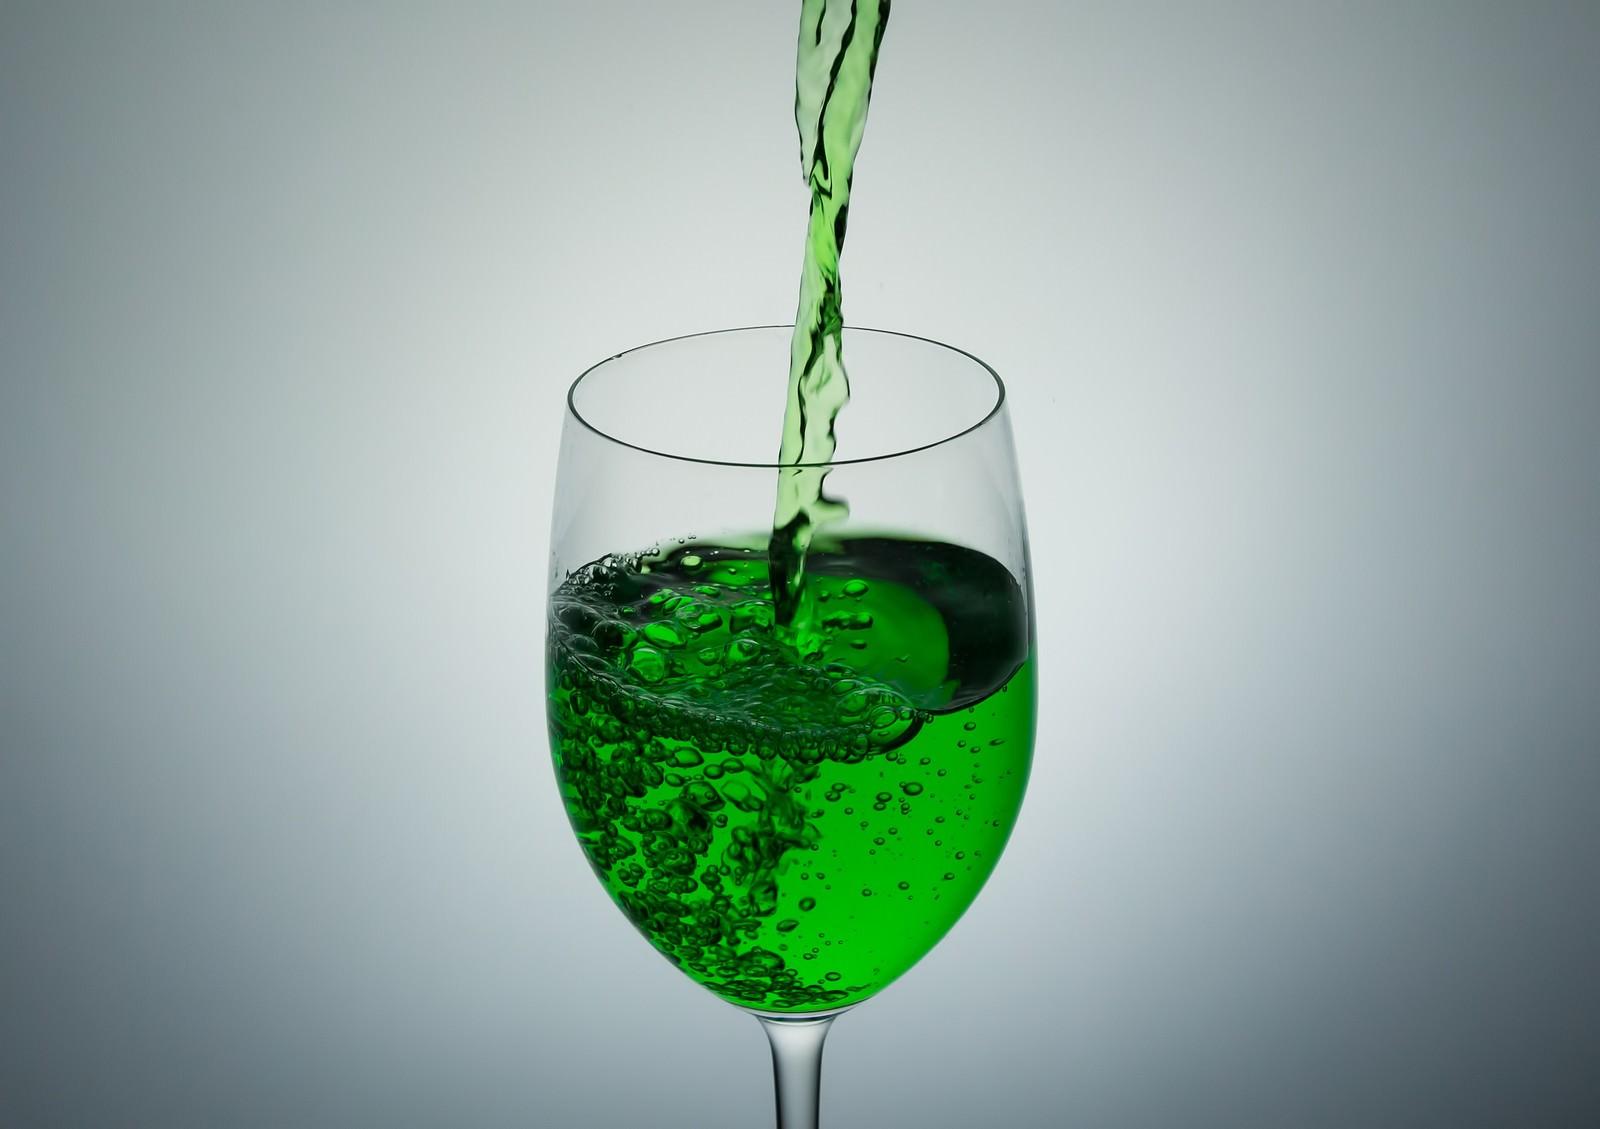 「グラスに入れる緑の液体(ポイズン)」の写真